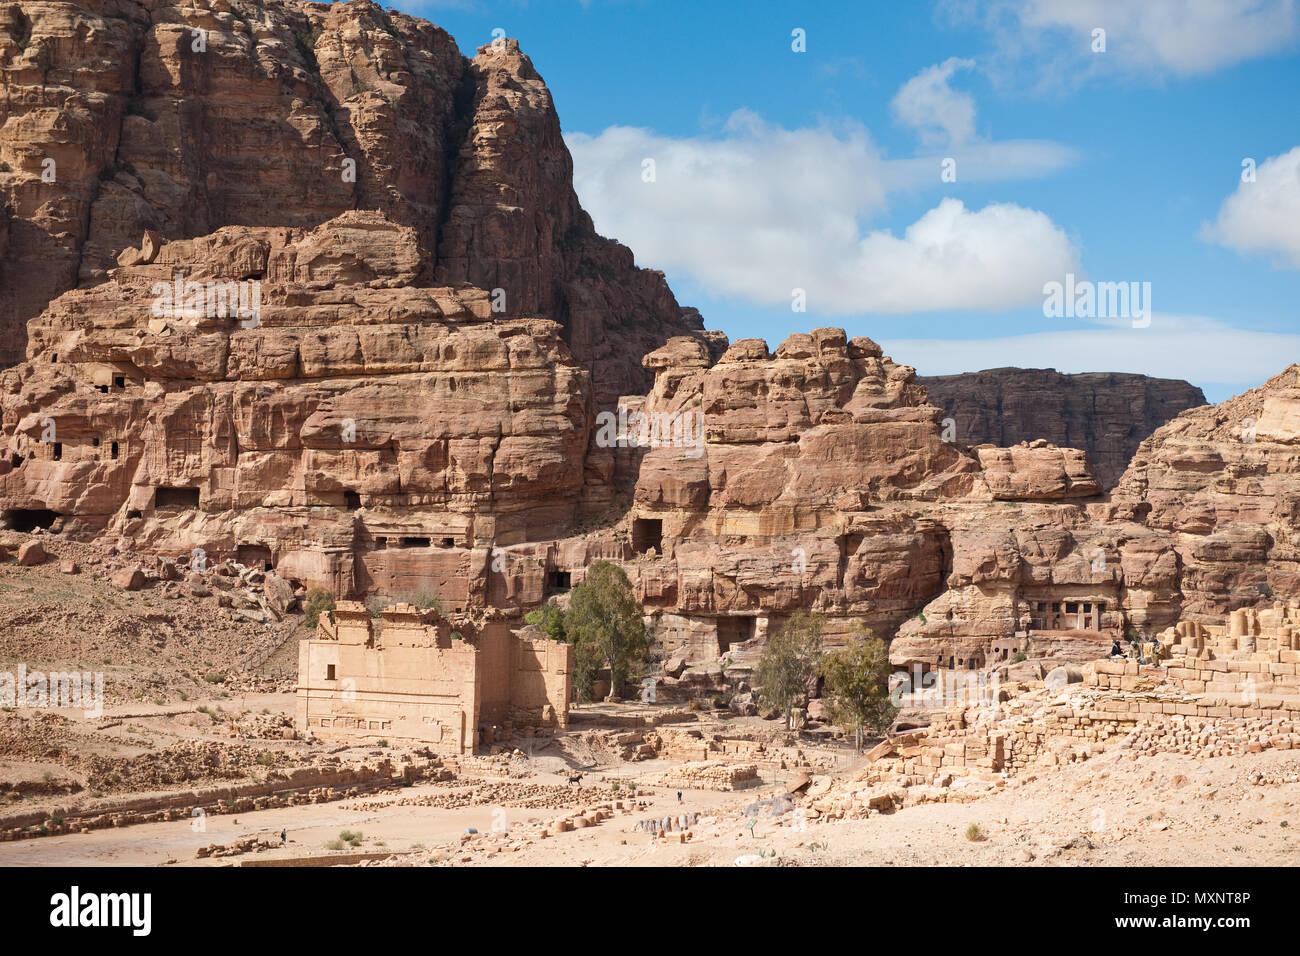 Qasr al-Bint temple complex, rock tombs, rock-cut tombs, Petra Archaeological Park, Petra, Jordan, Asia Minor / Petra | Qasr al-Bint Tempel, Felengrae - Stock Image